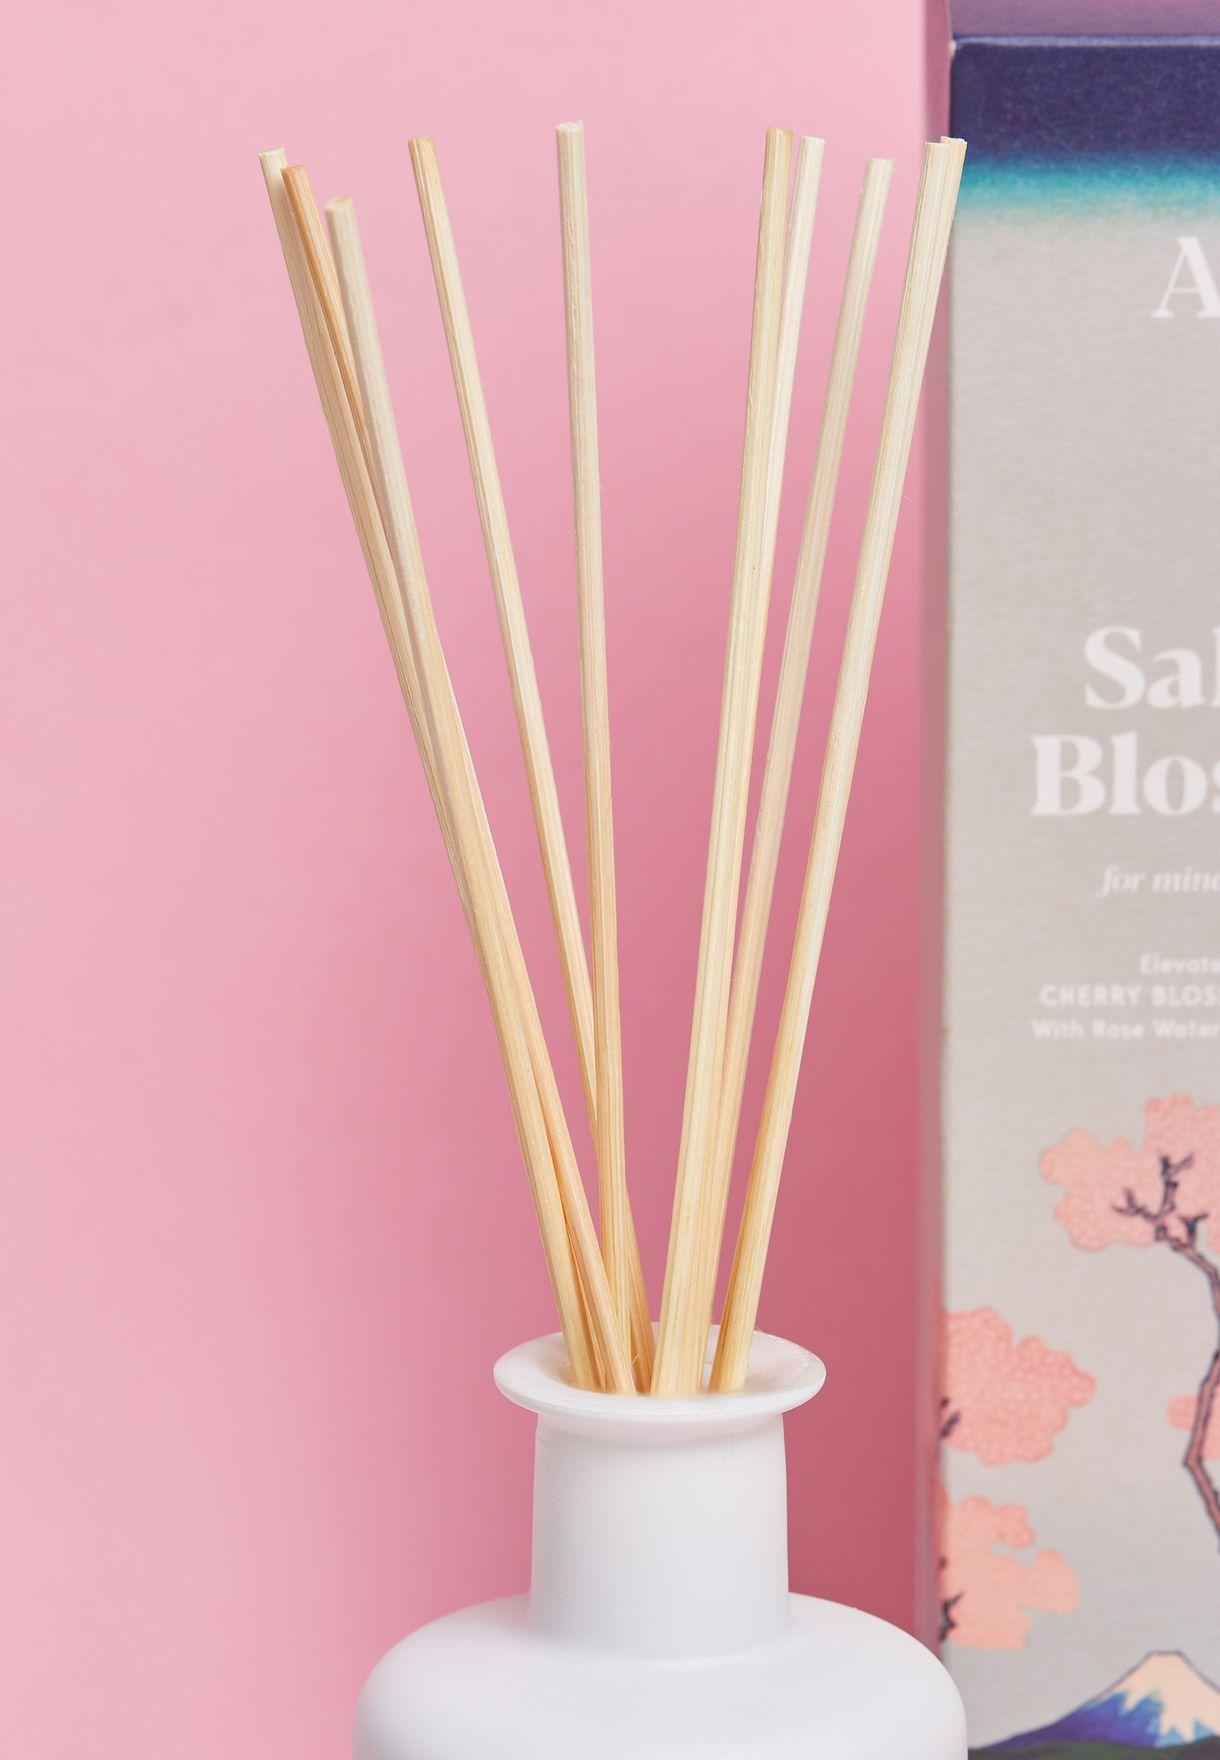 Sakura Blossom Diffuser 200ml